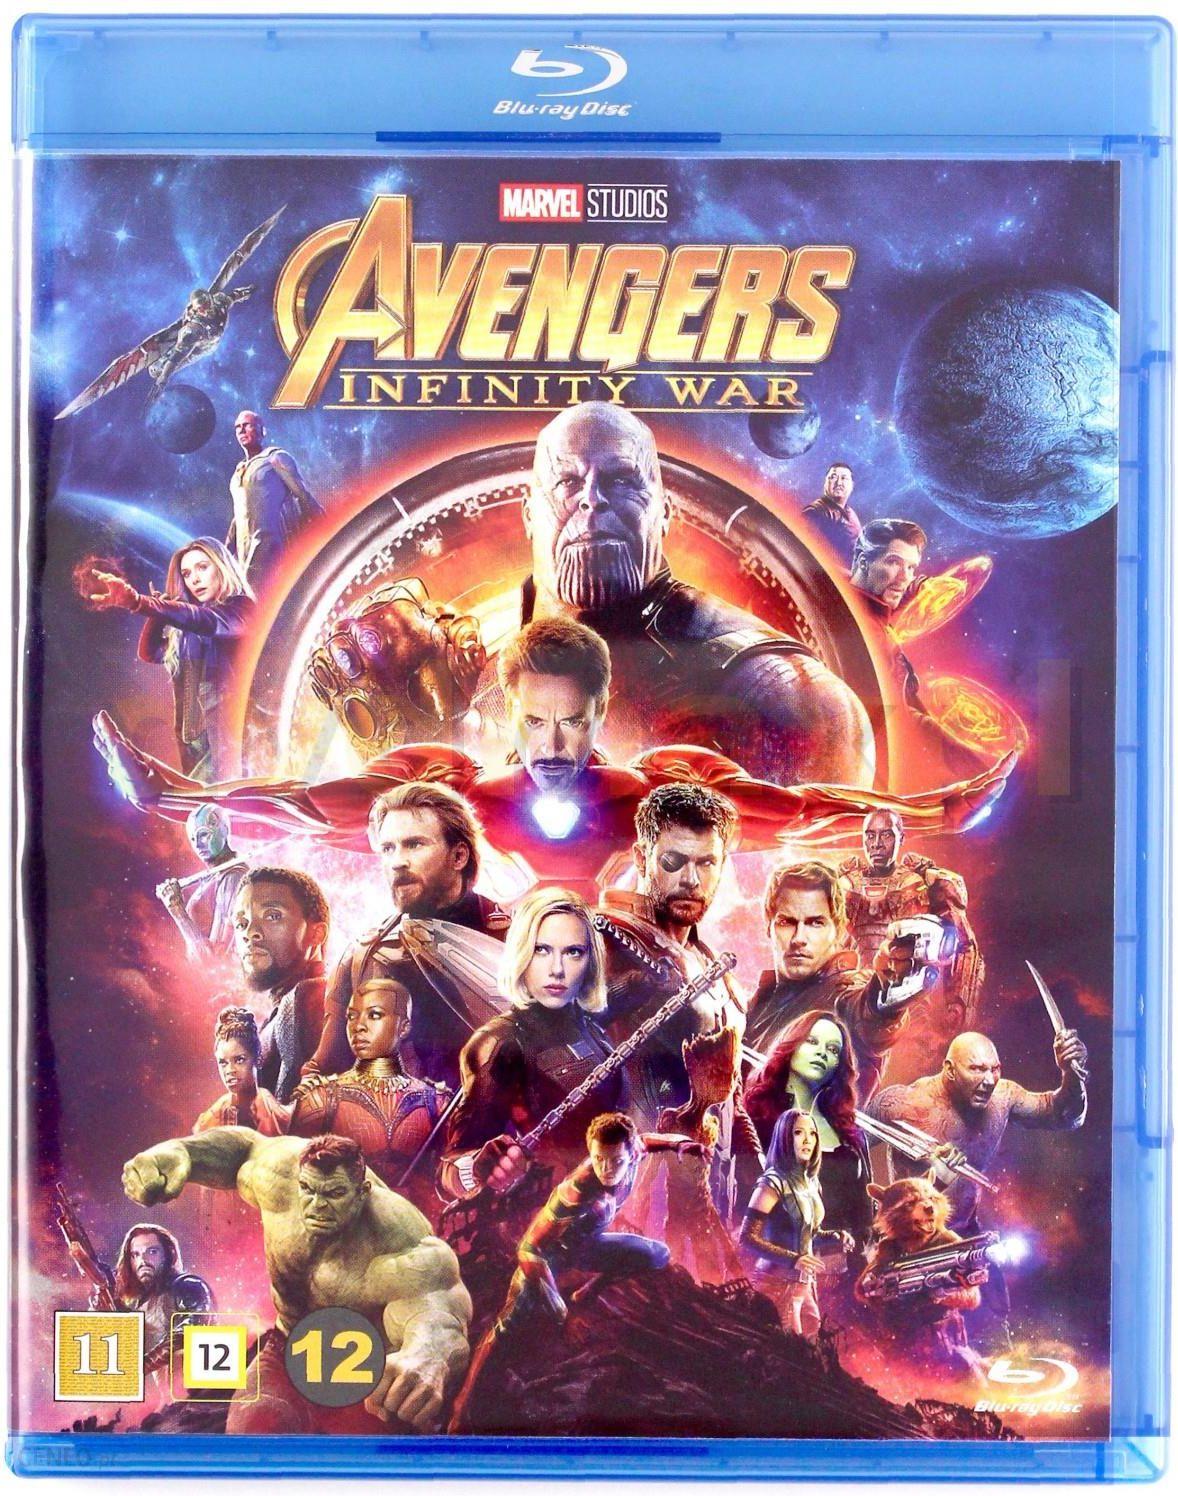 Film Blu Ray Avengers Infinity War Avengers Wojna Bez Granic Blu Ray Ceny I Opinie Ceneo Pl